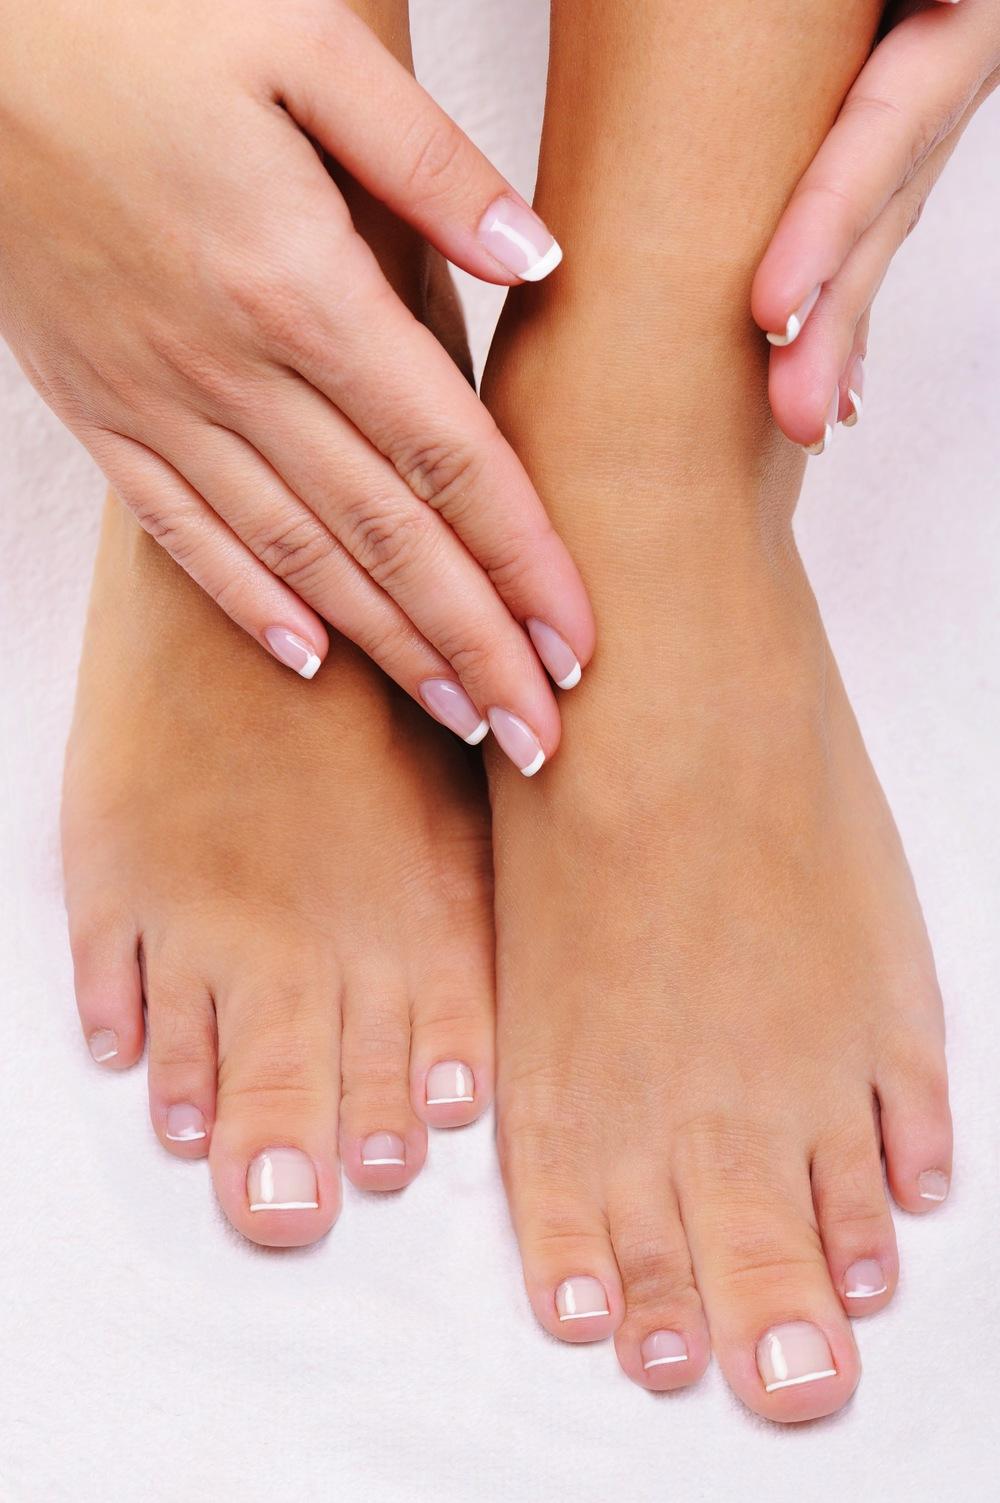 Реальные фото женских ног 10 фотография